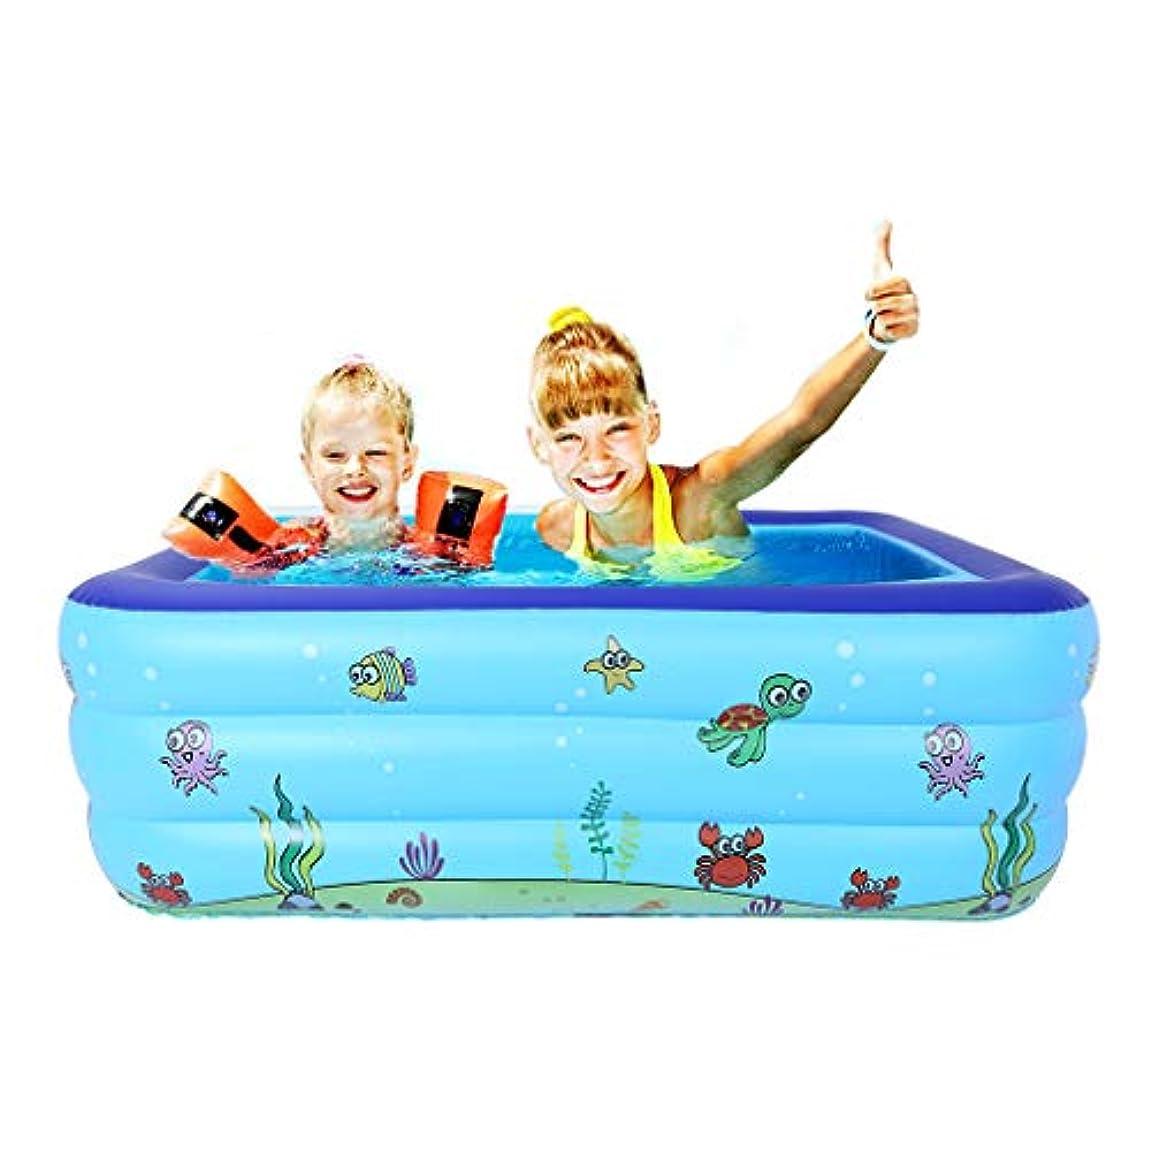 接地中絶栄光のDONGmeijes 大きな膨らませるスイミングプール キッズ水遊び 子供用 free 19